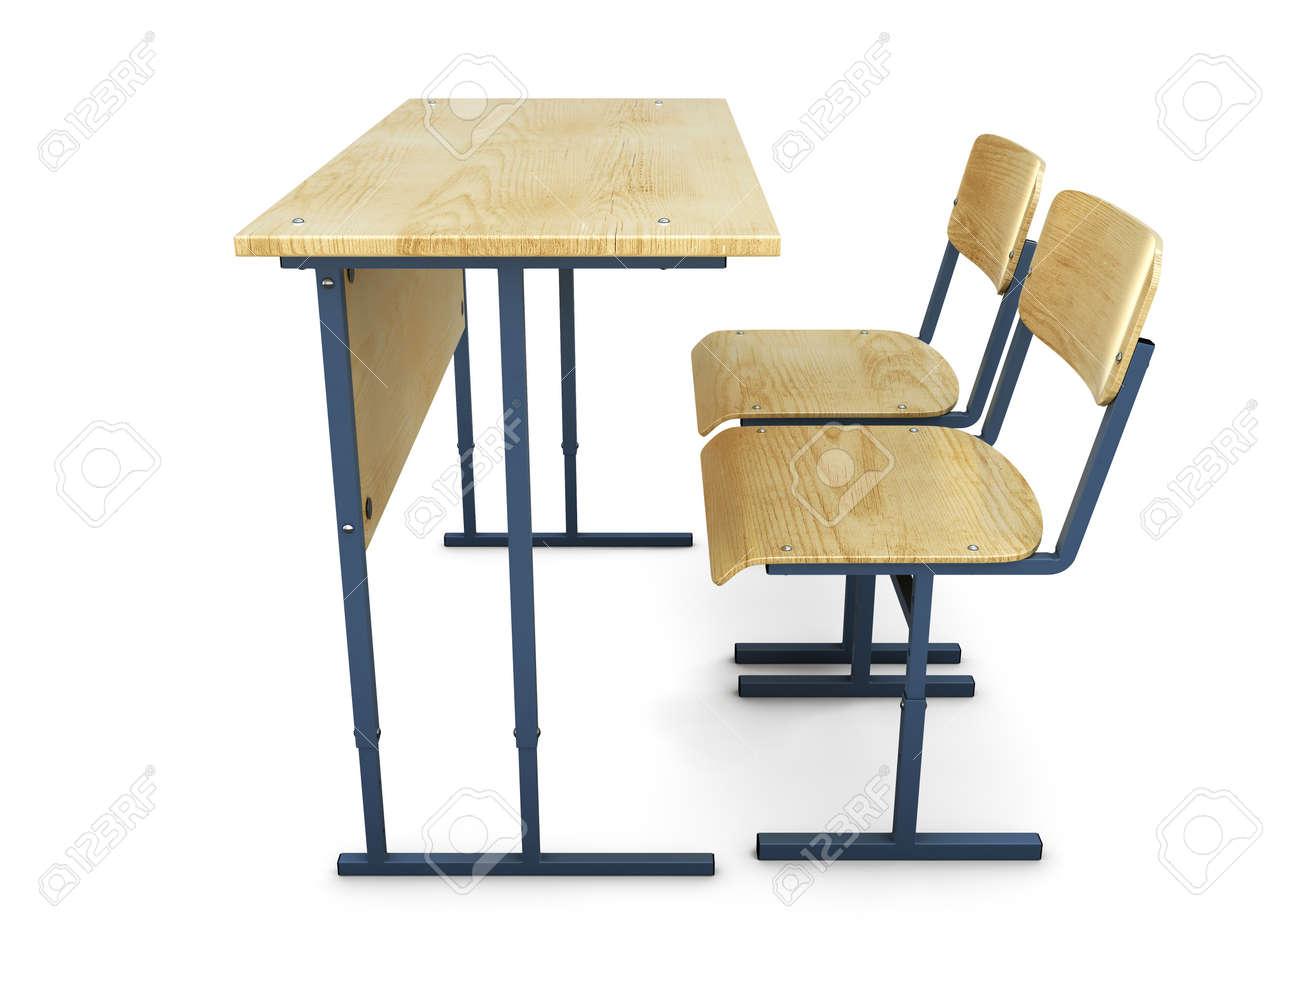 学校机椅子 2 つ側面からの眺め3 D イラスト の写真素材画像